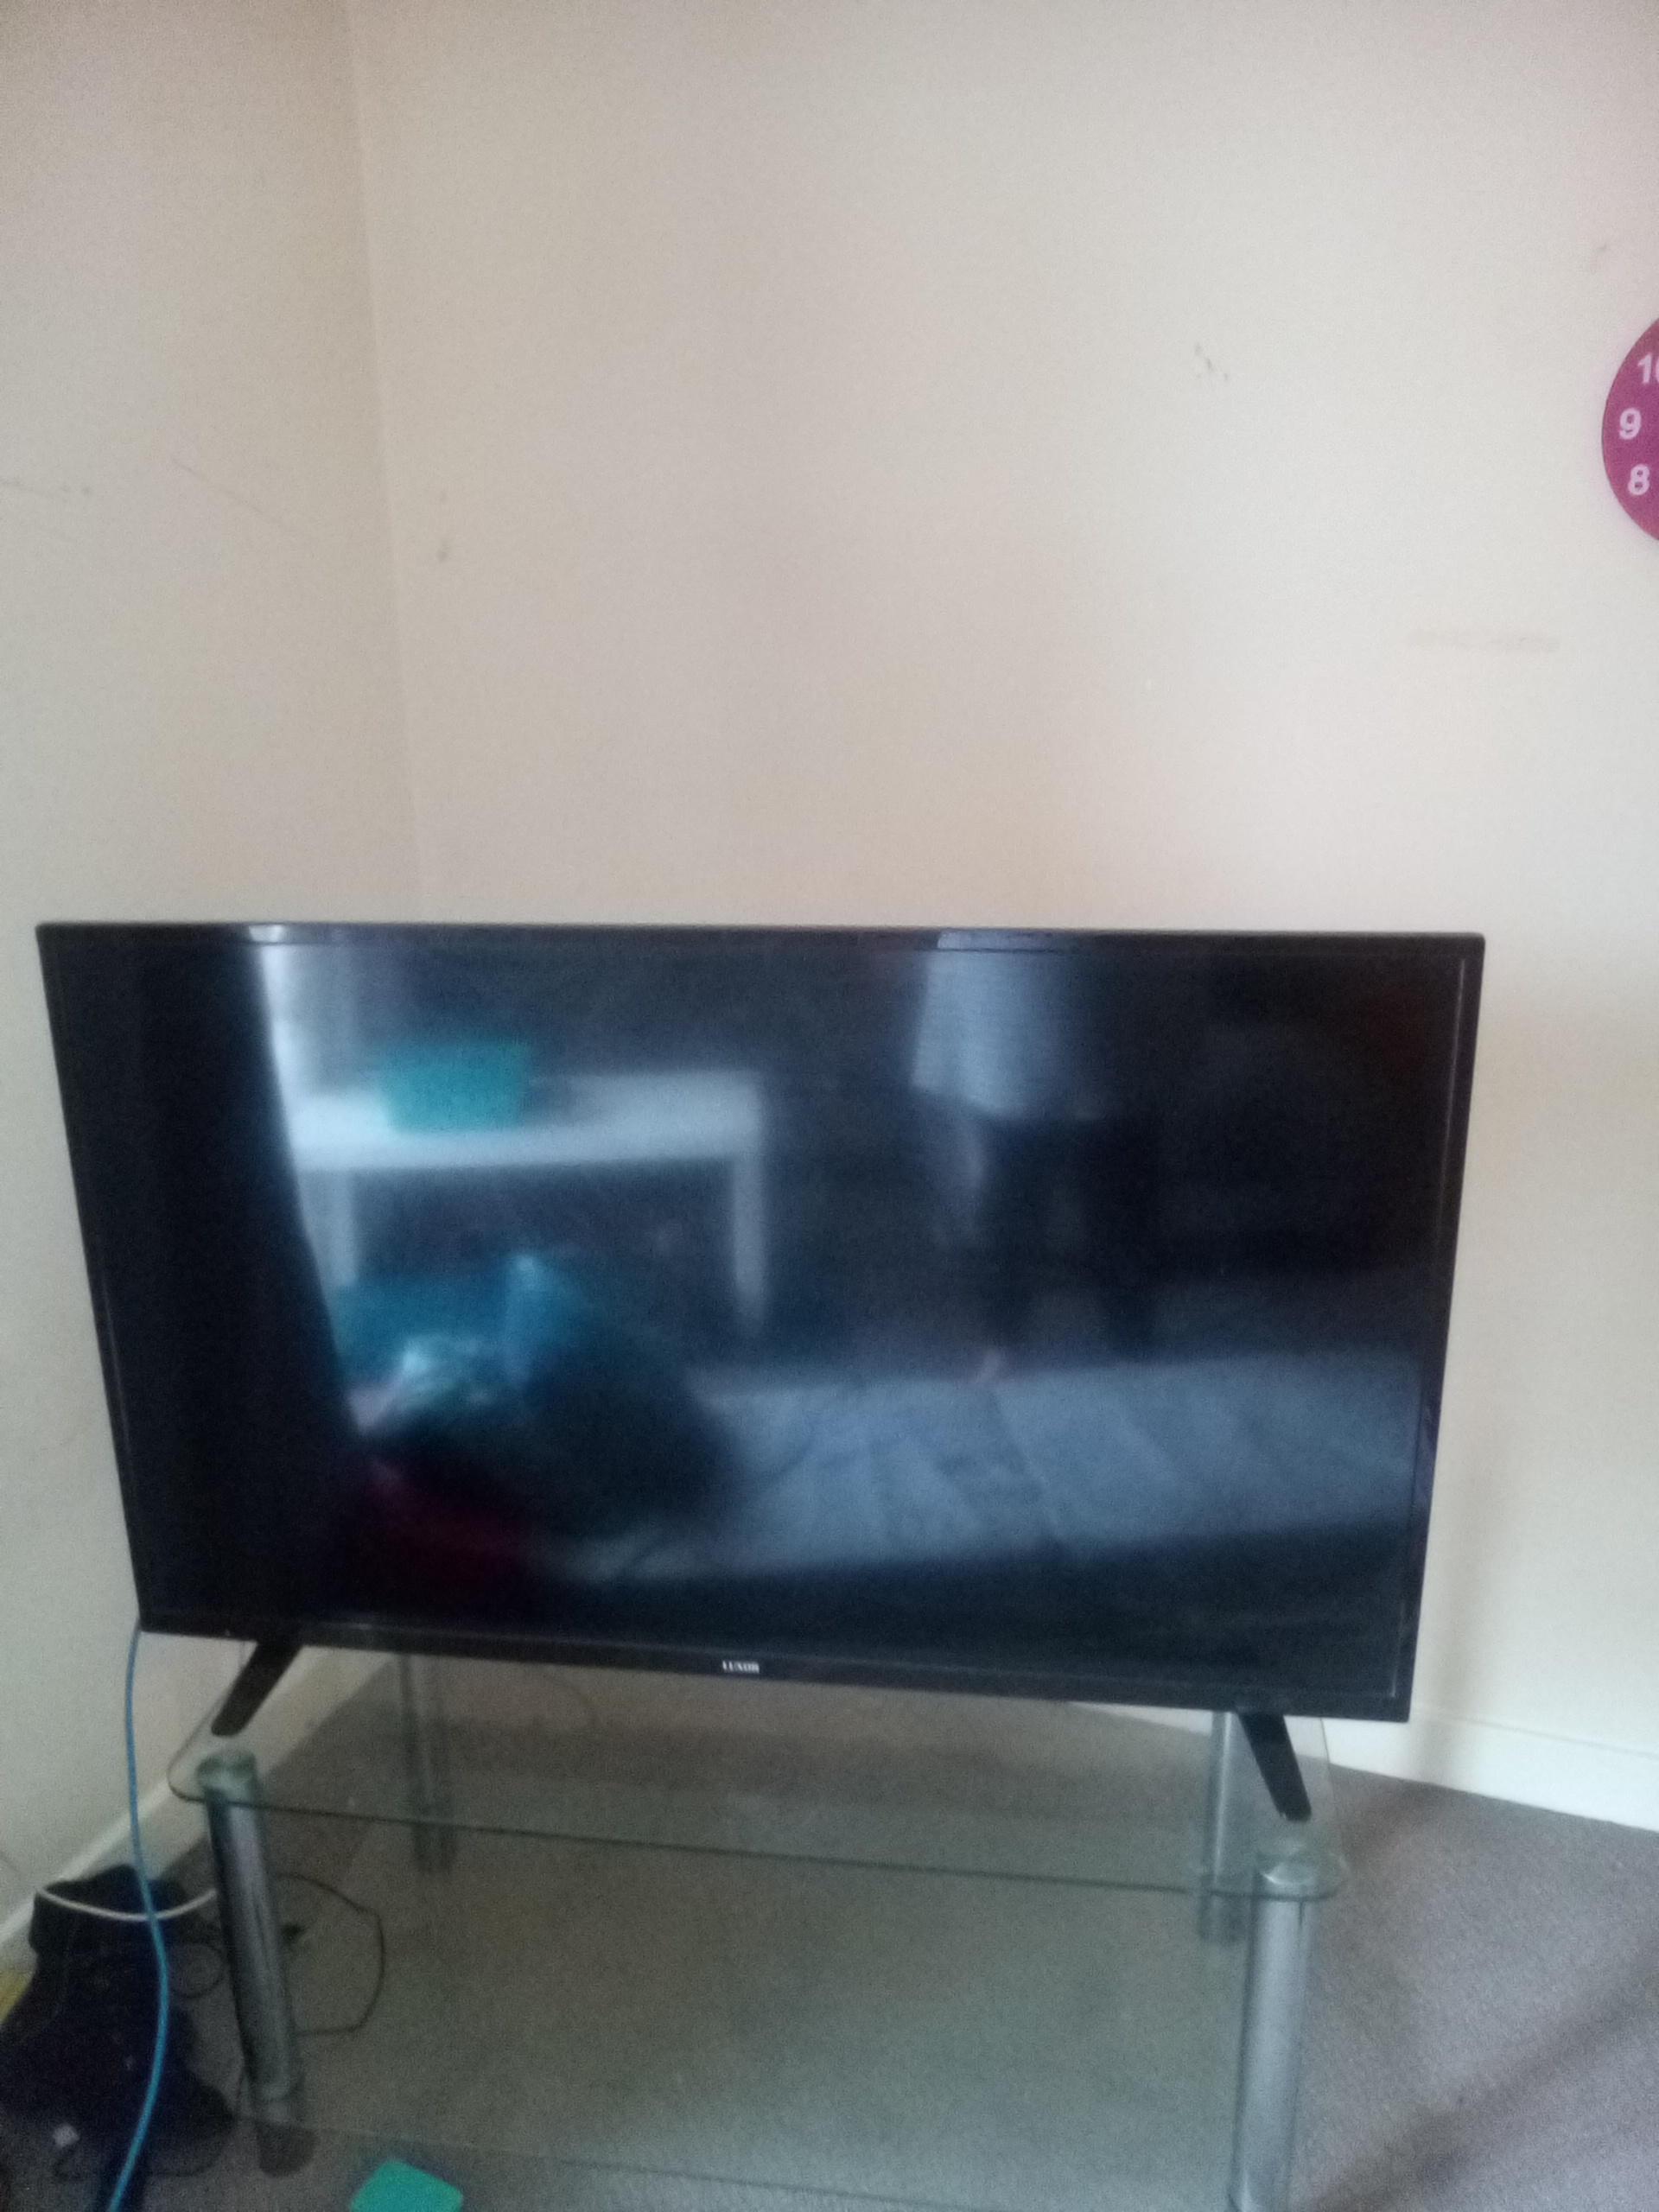 46 inch TV luxor smart tv